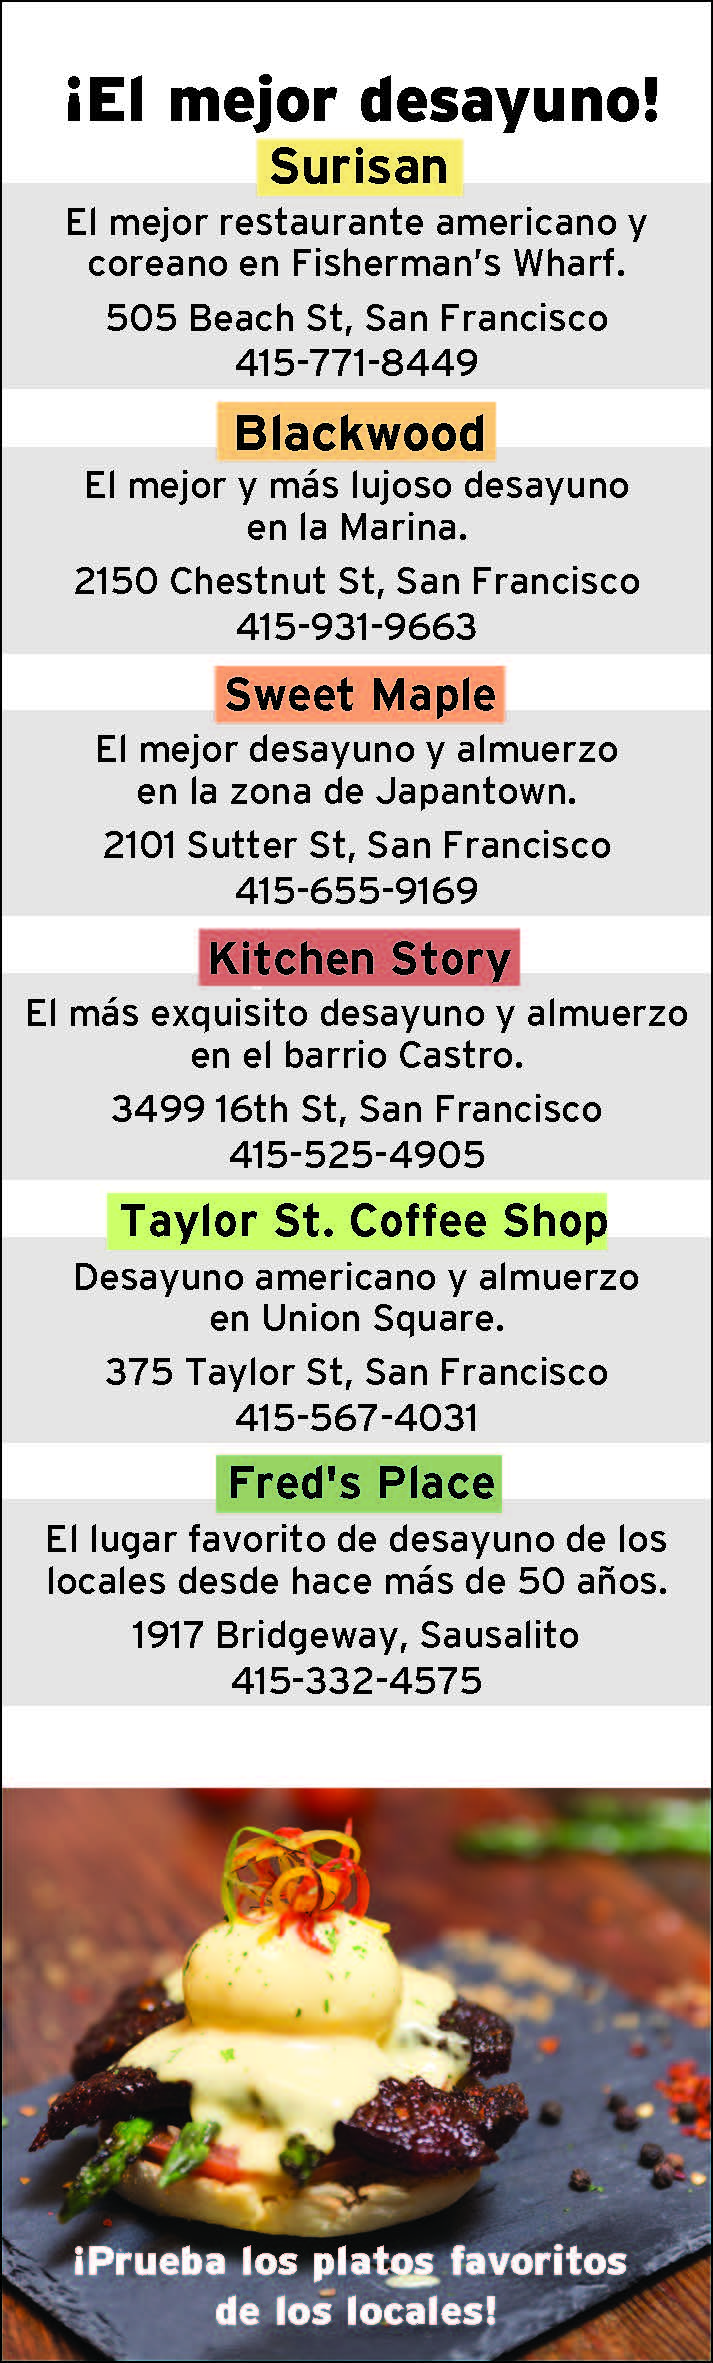 Bares y vida nocturna de San Francisco - Viajes